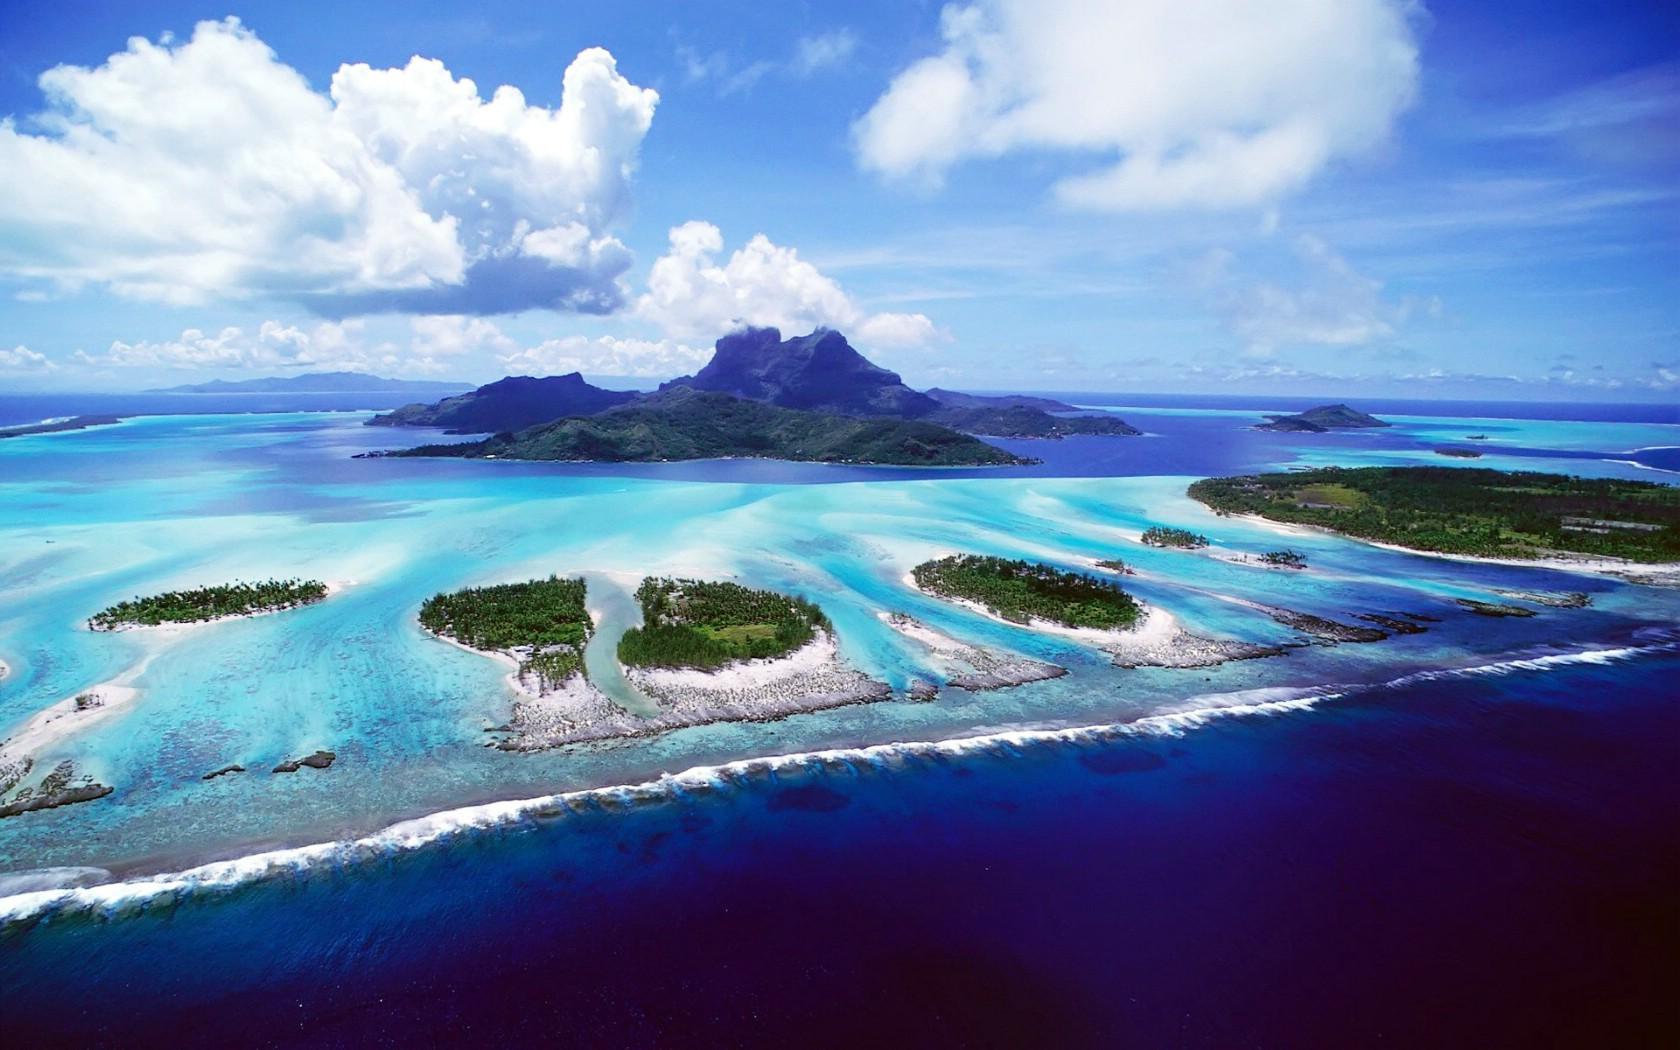 壁纸1680×1050蓝色海岛